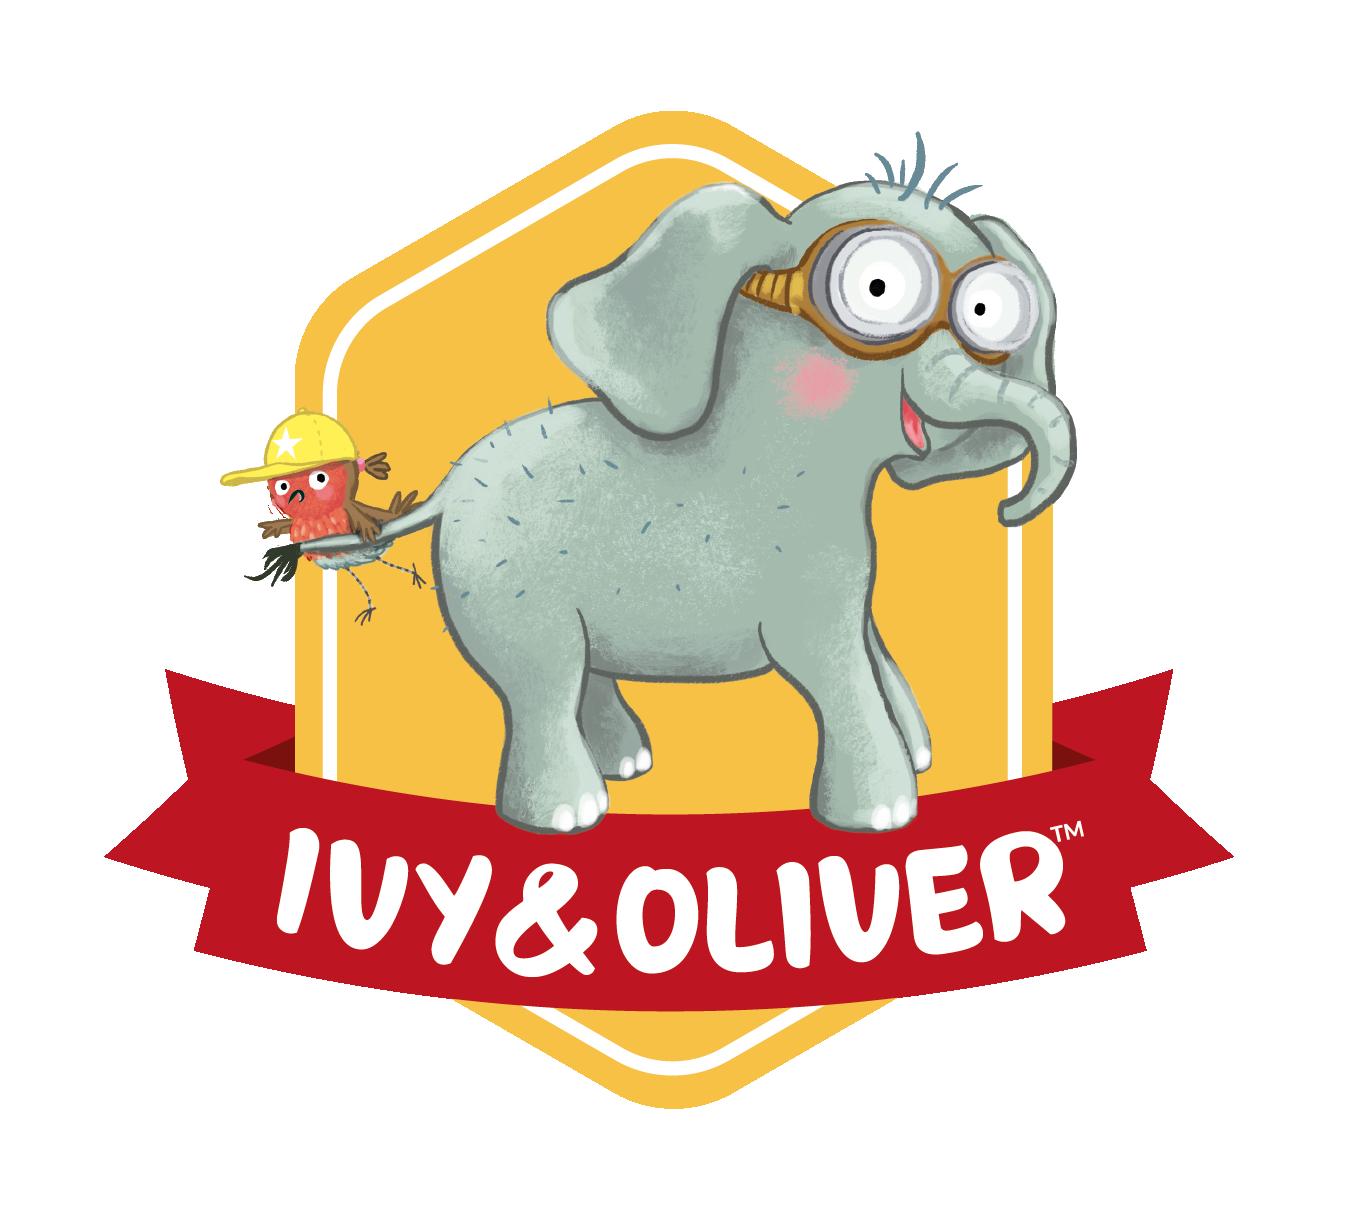 IVY&OLIVER